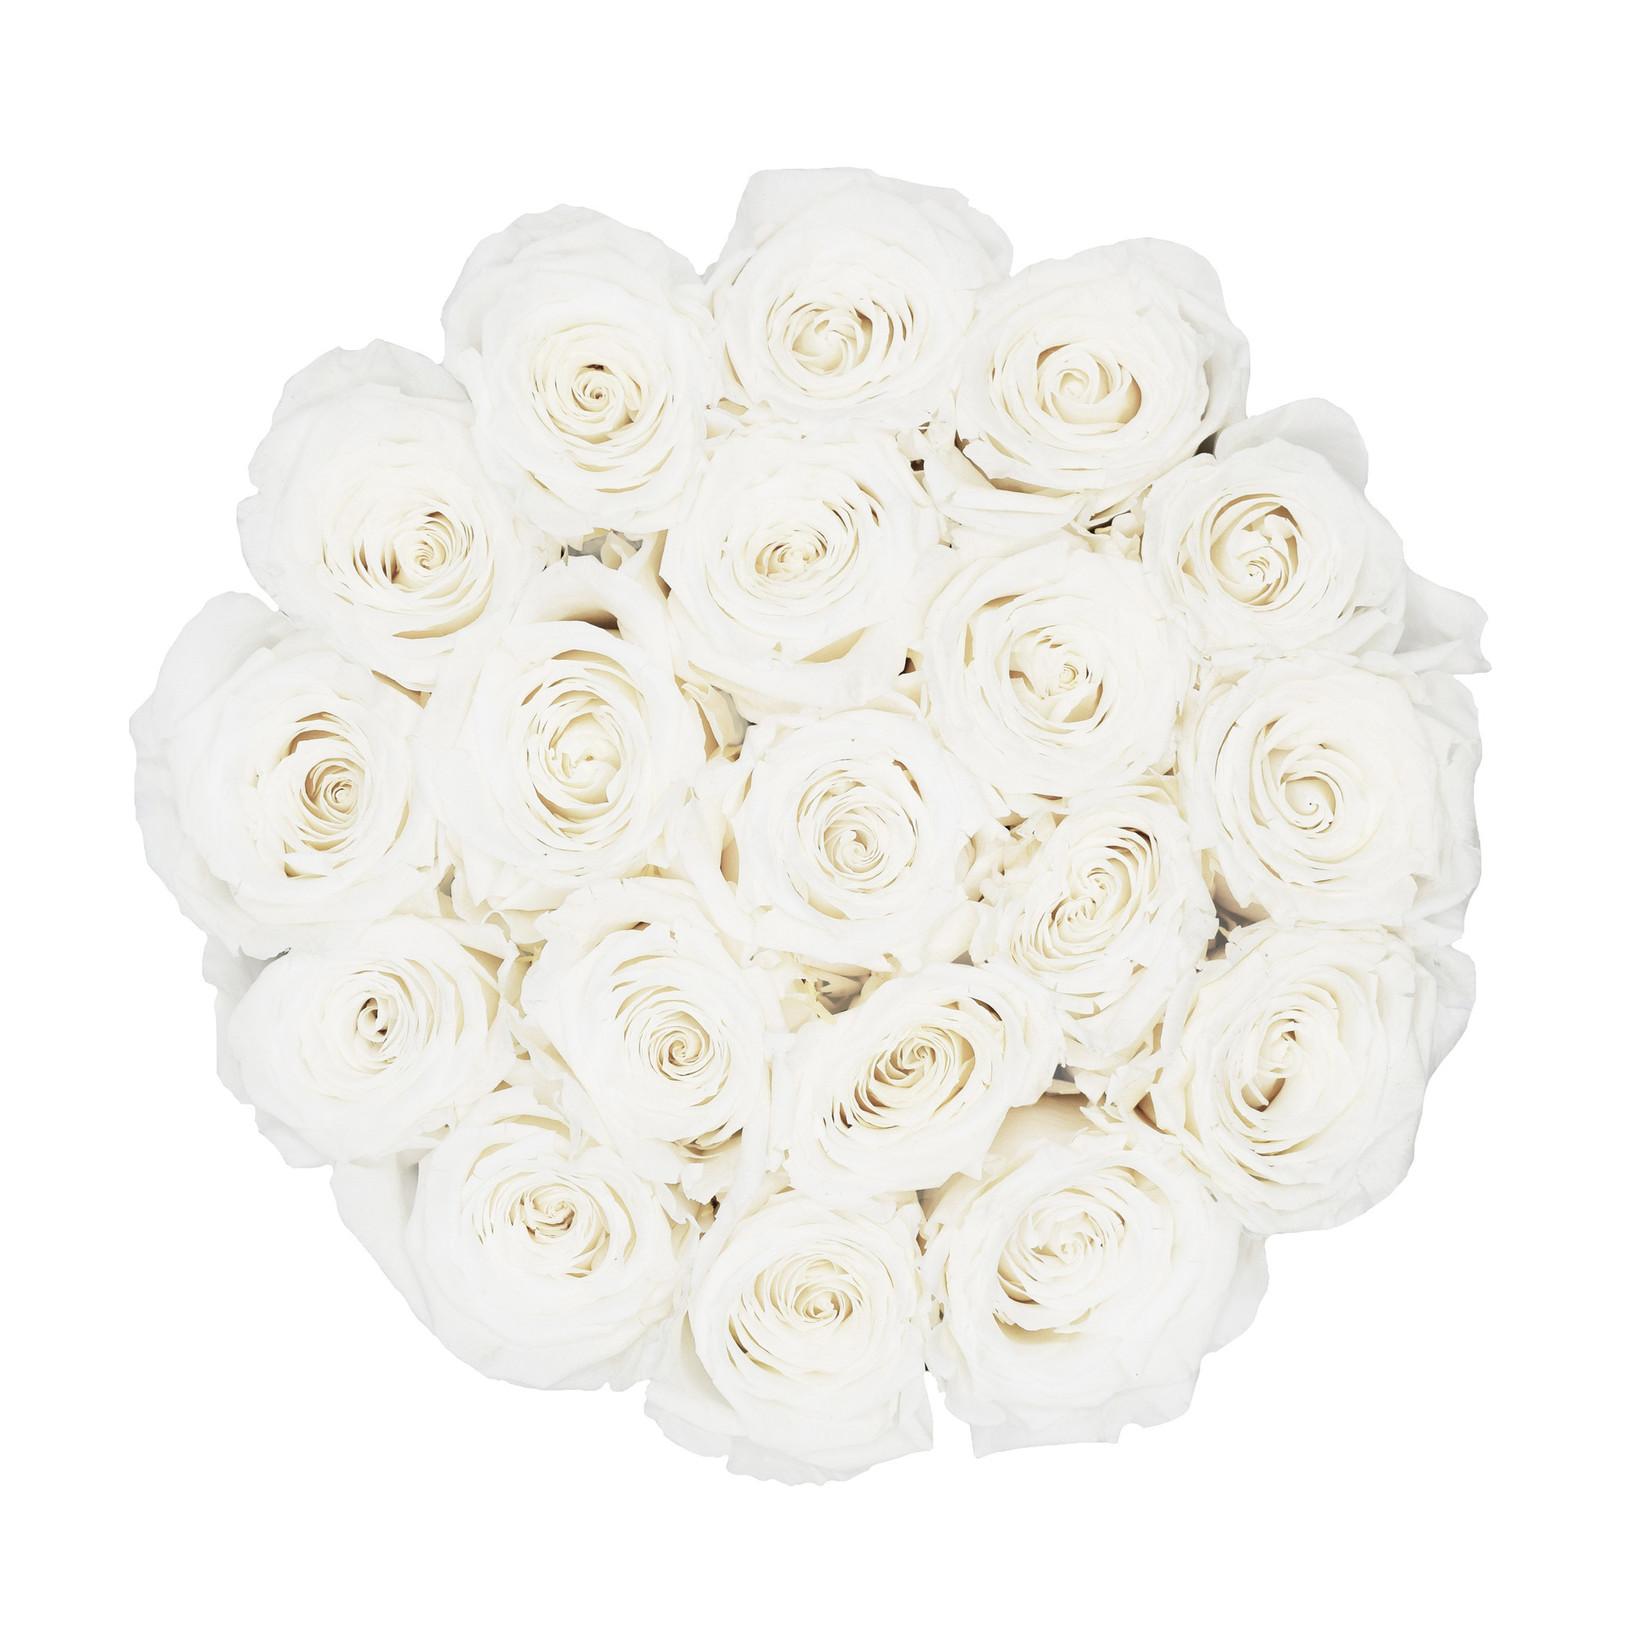 Large - White Endless Roses - Black Box